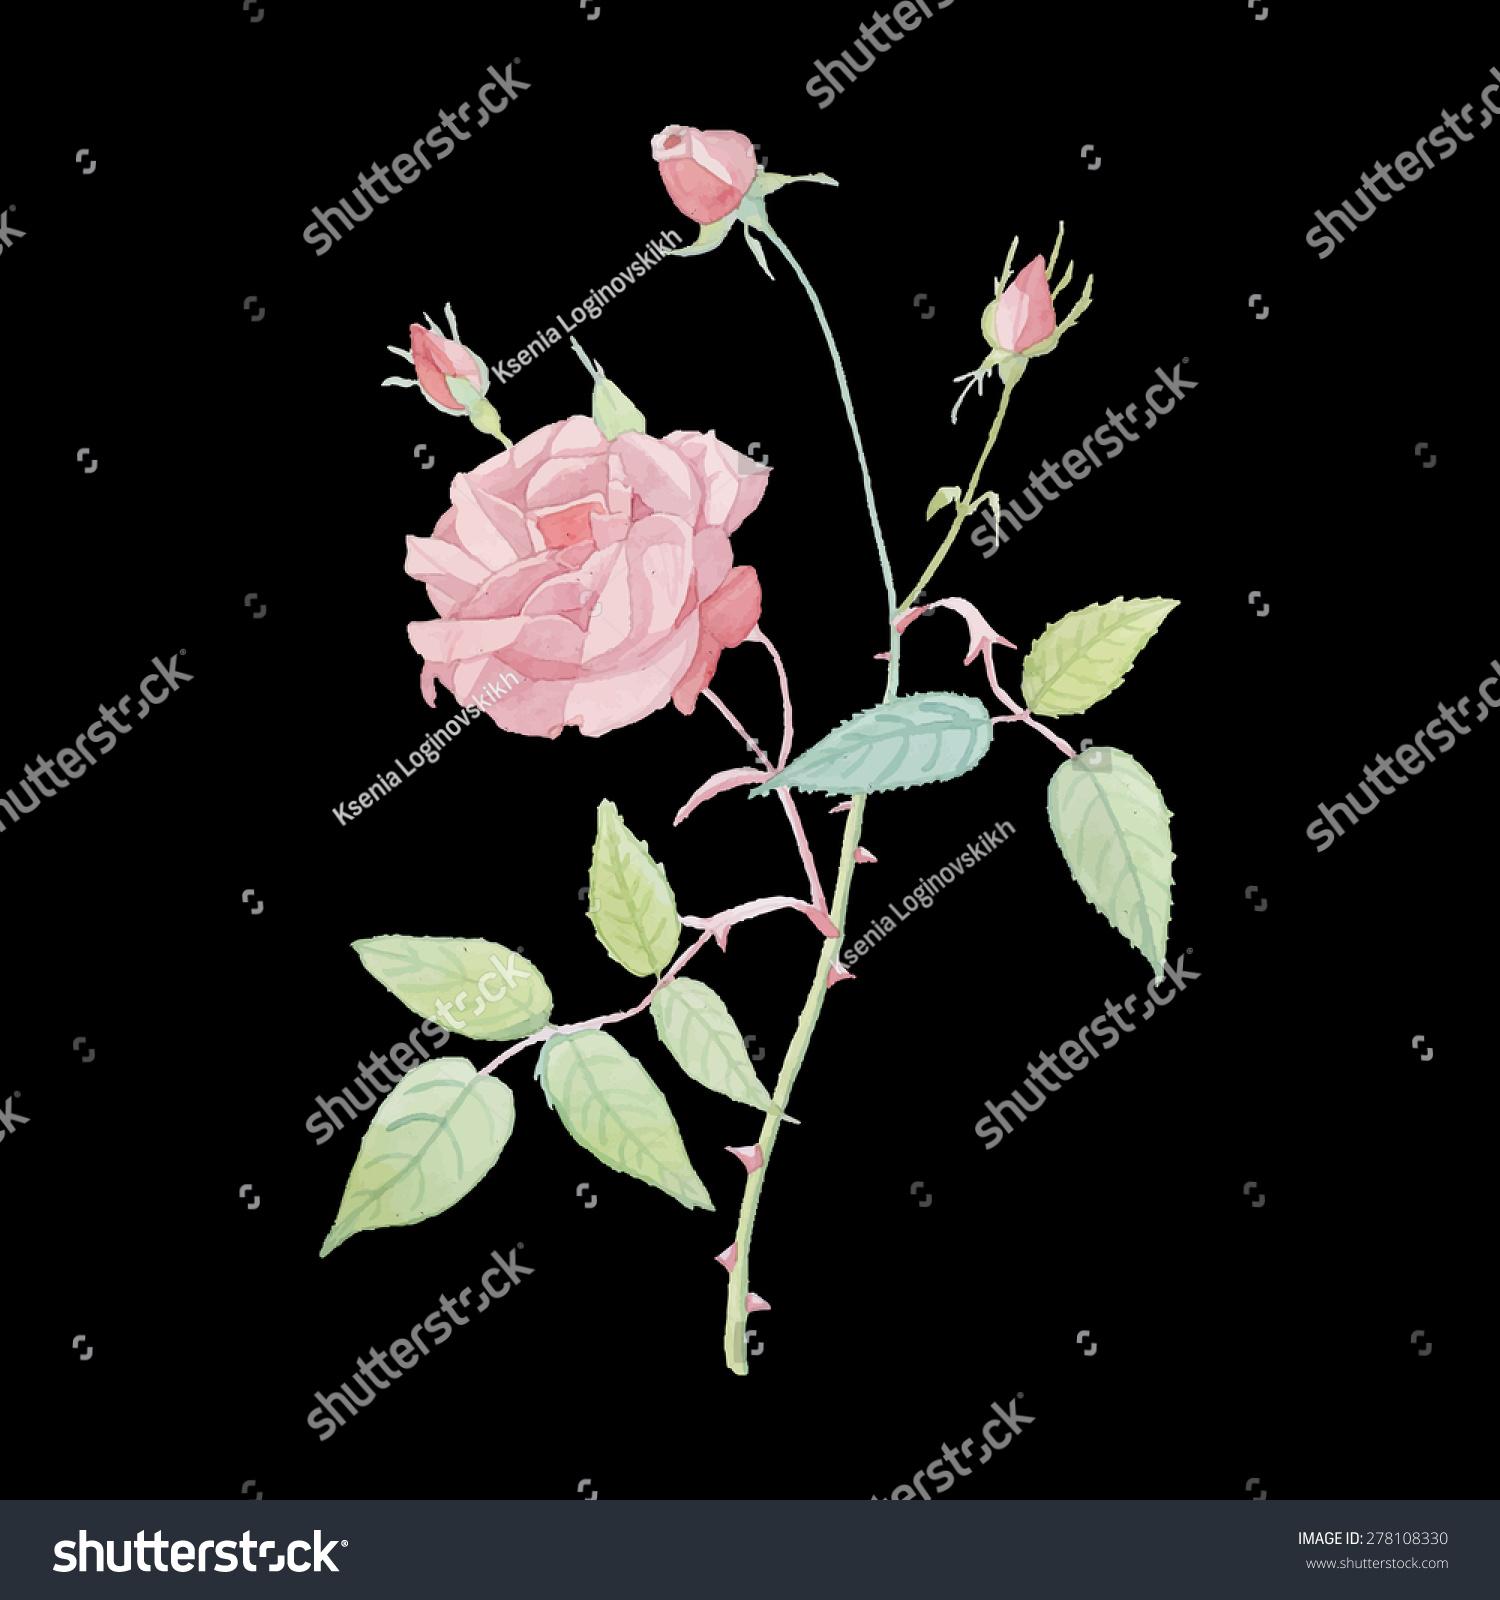 手绘玫瑰黑白微信头像